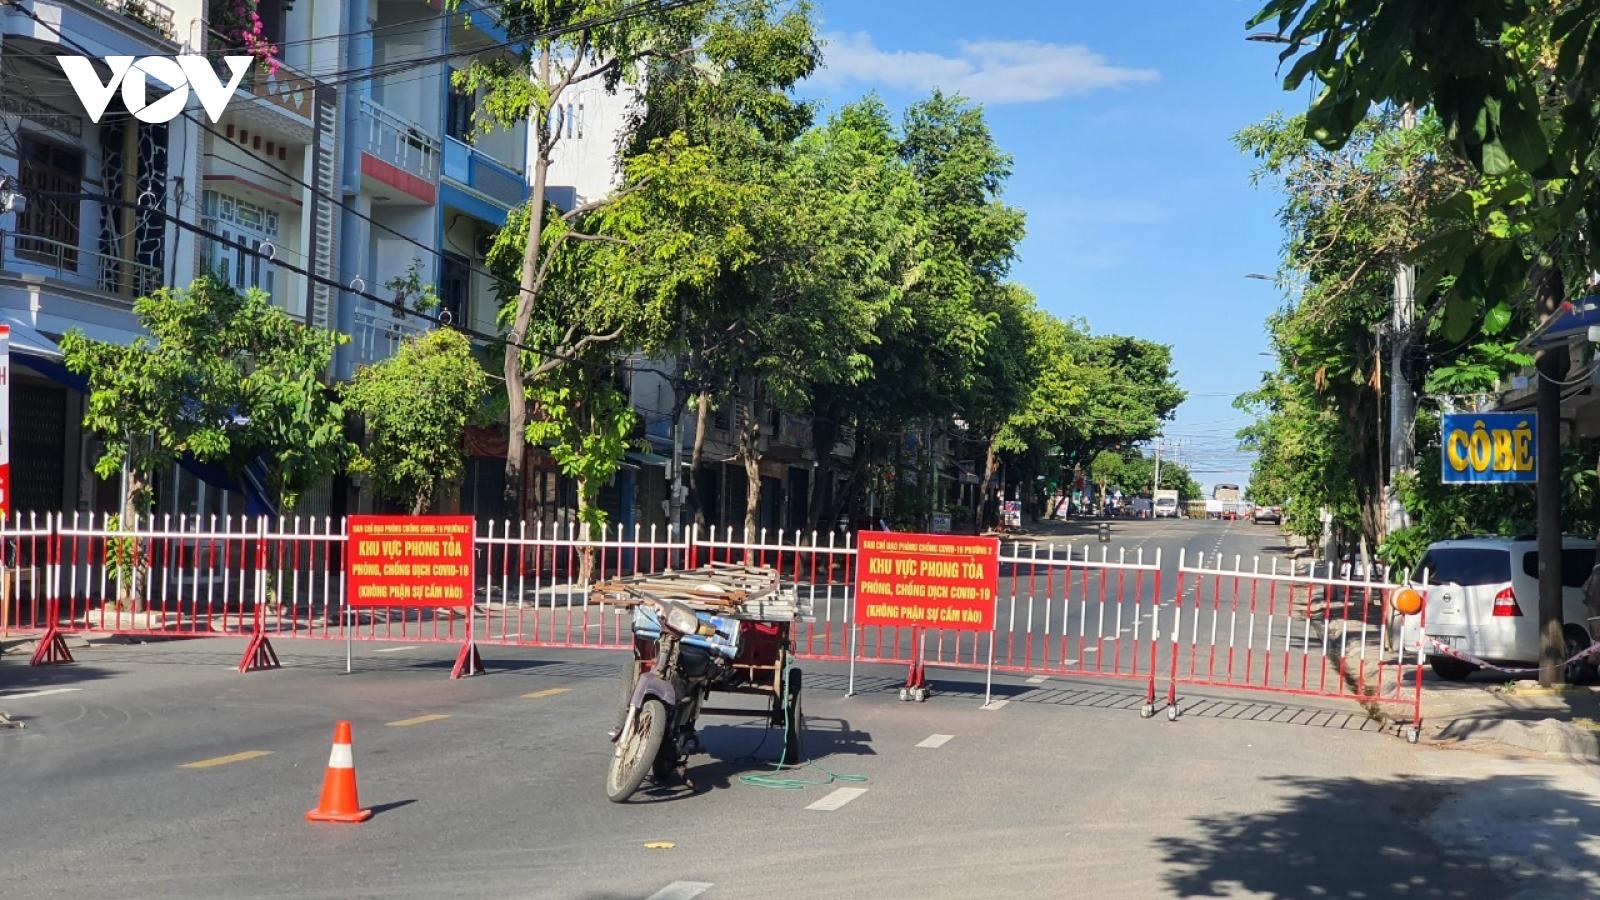 Phú Yên lần đầu tiên phát hiện 8 ca dương tính với SARS-CoV-2